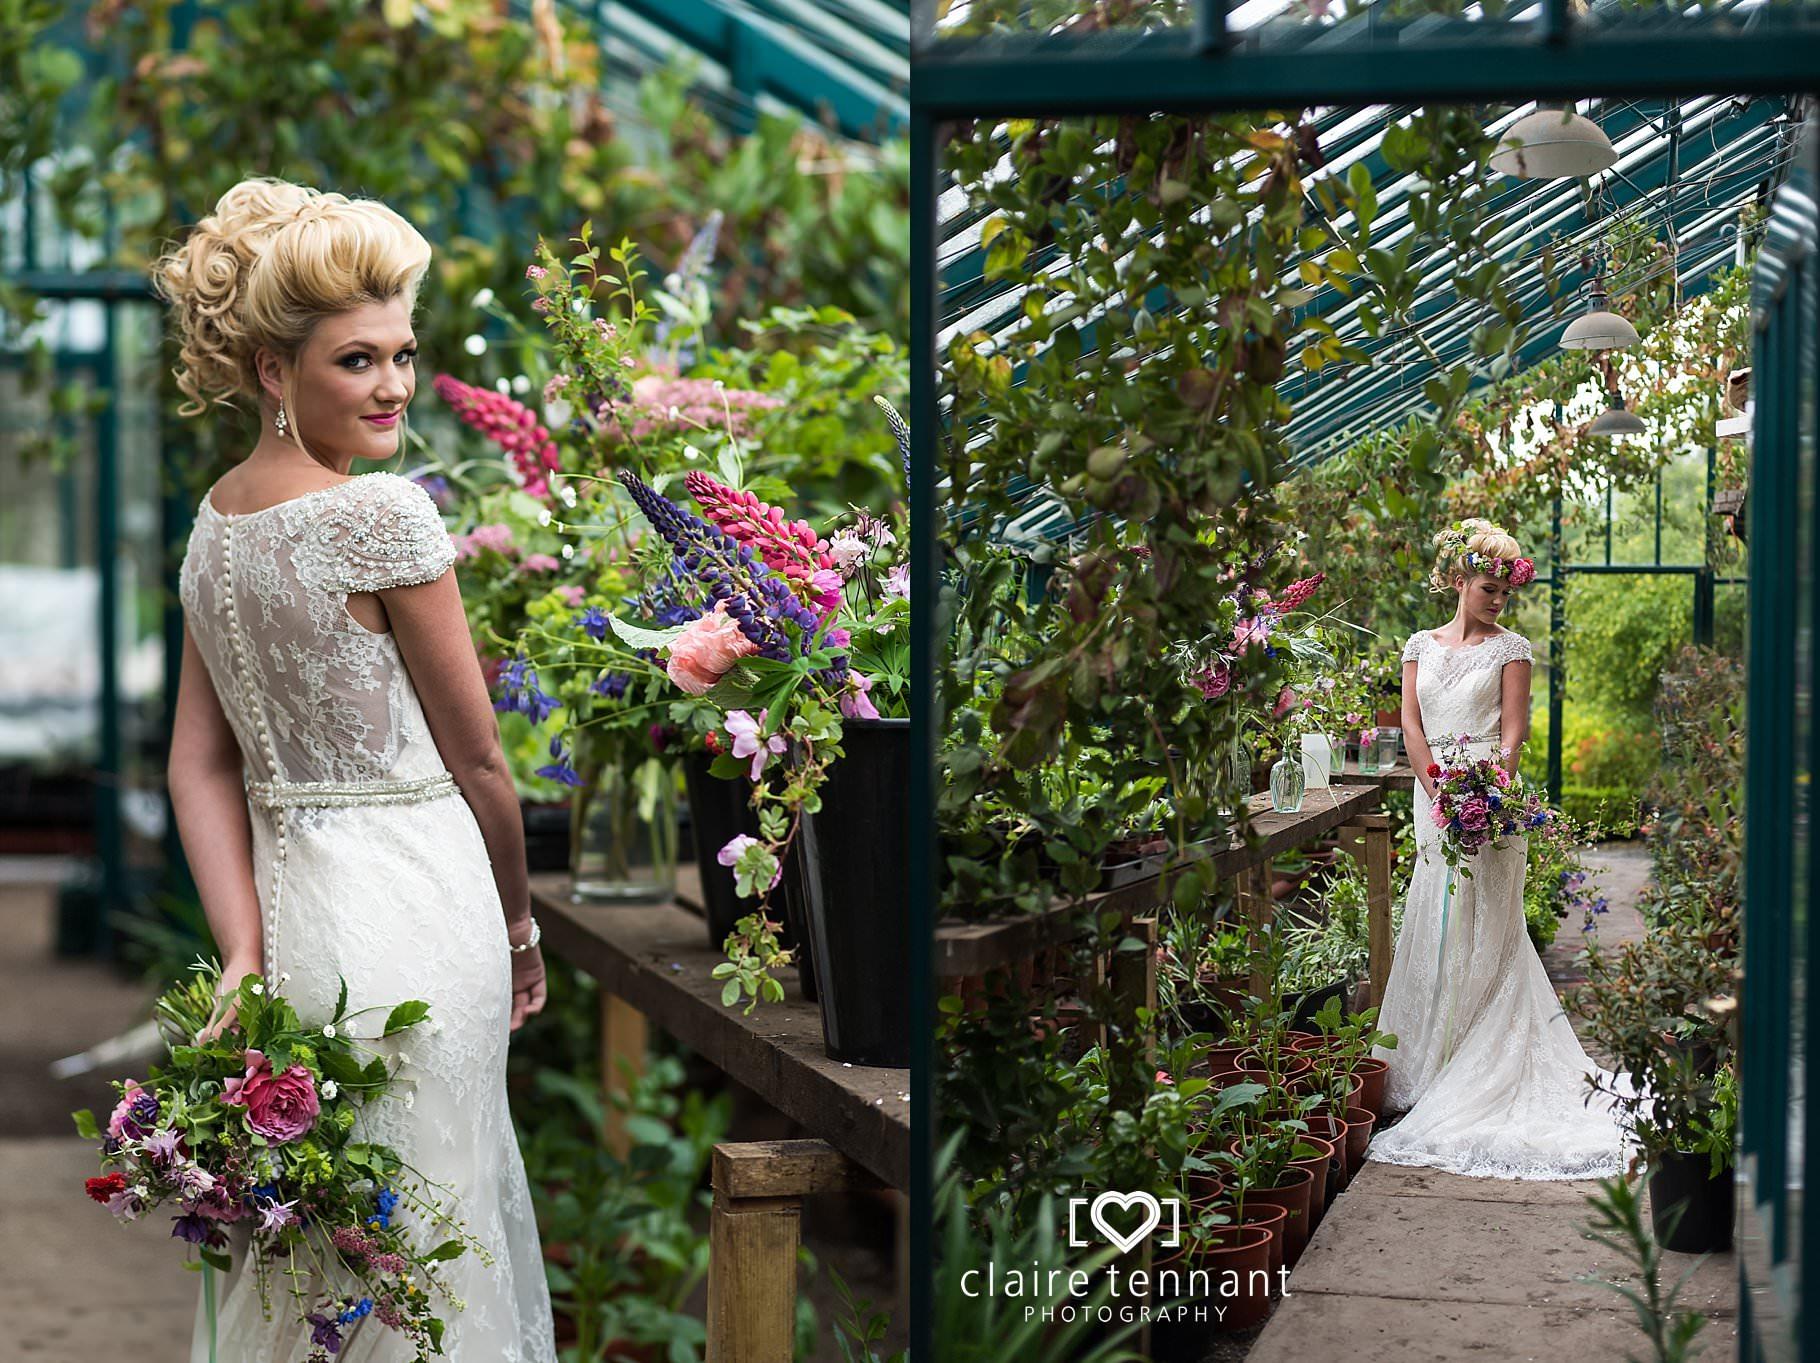 glamorous wedding styled shoot